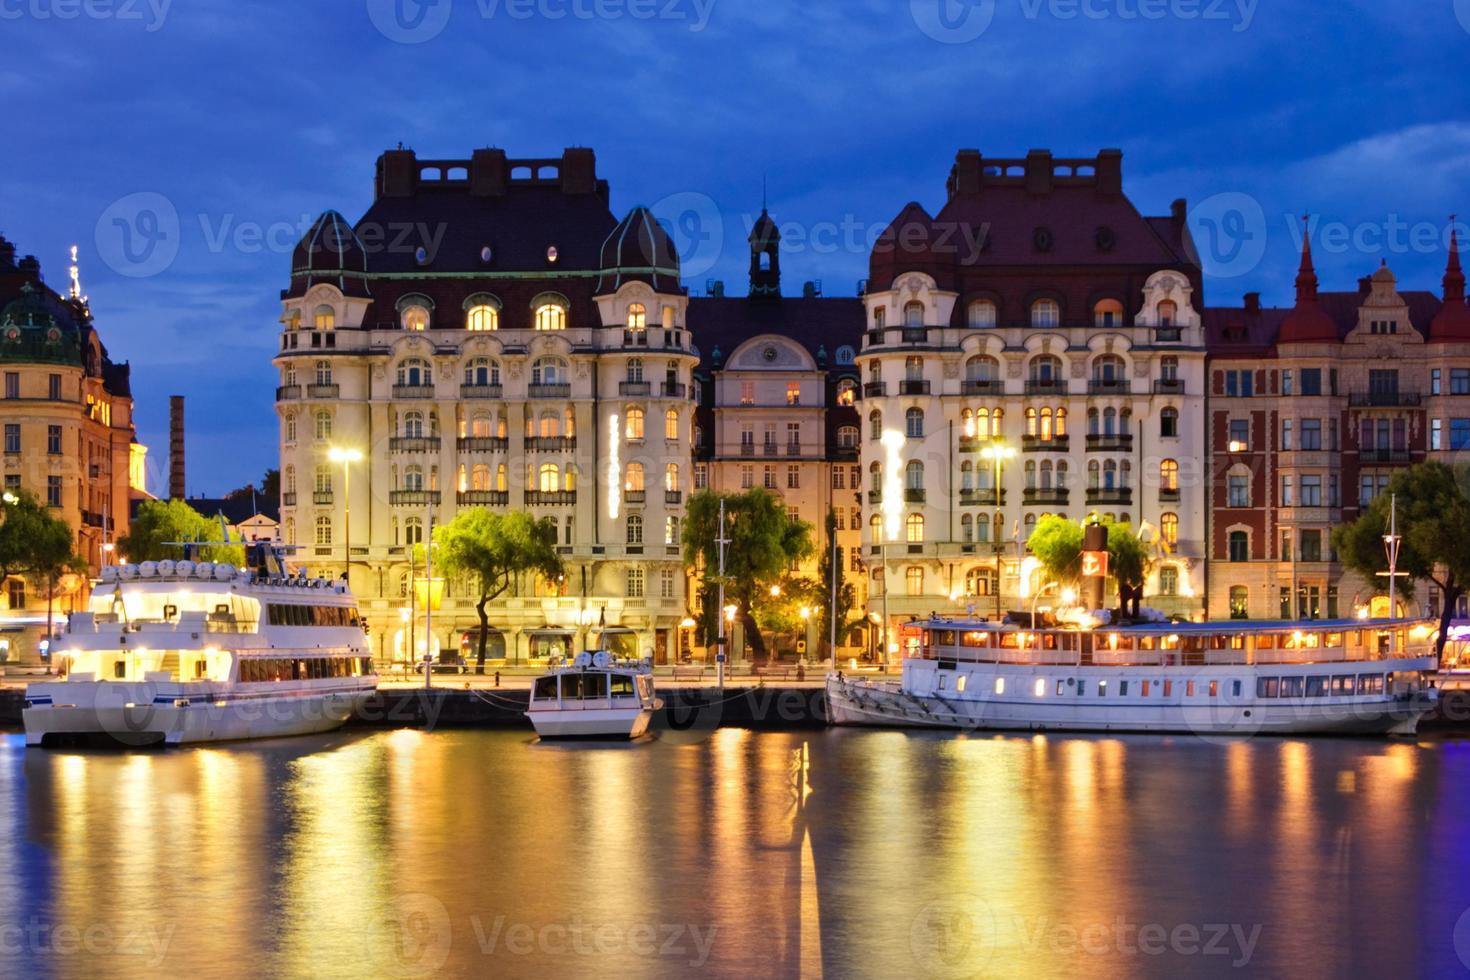 hora azul tiro de edifícios art nouveau em Estocolmo foto